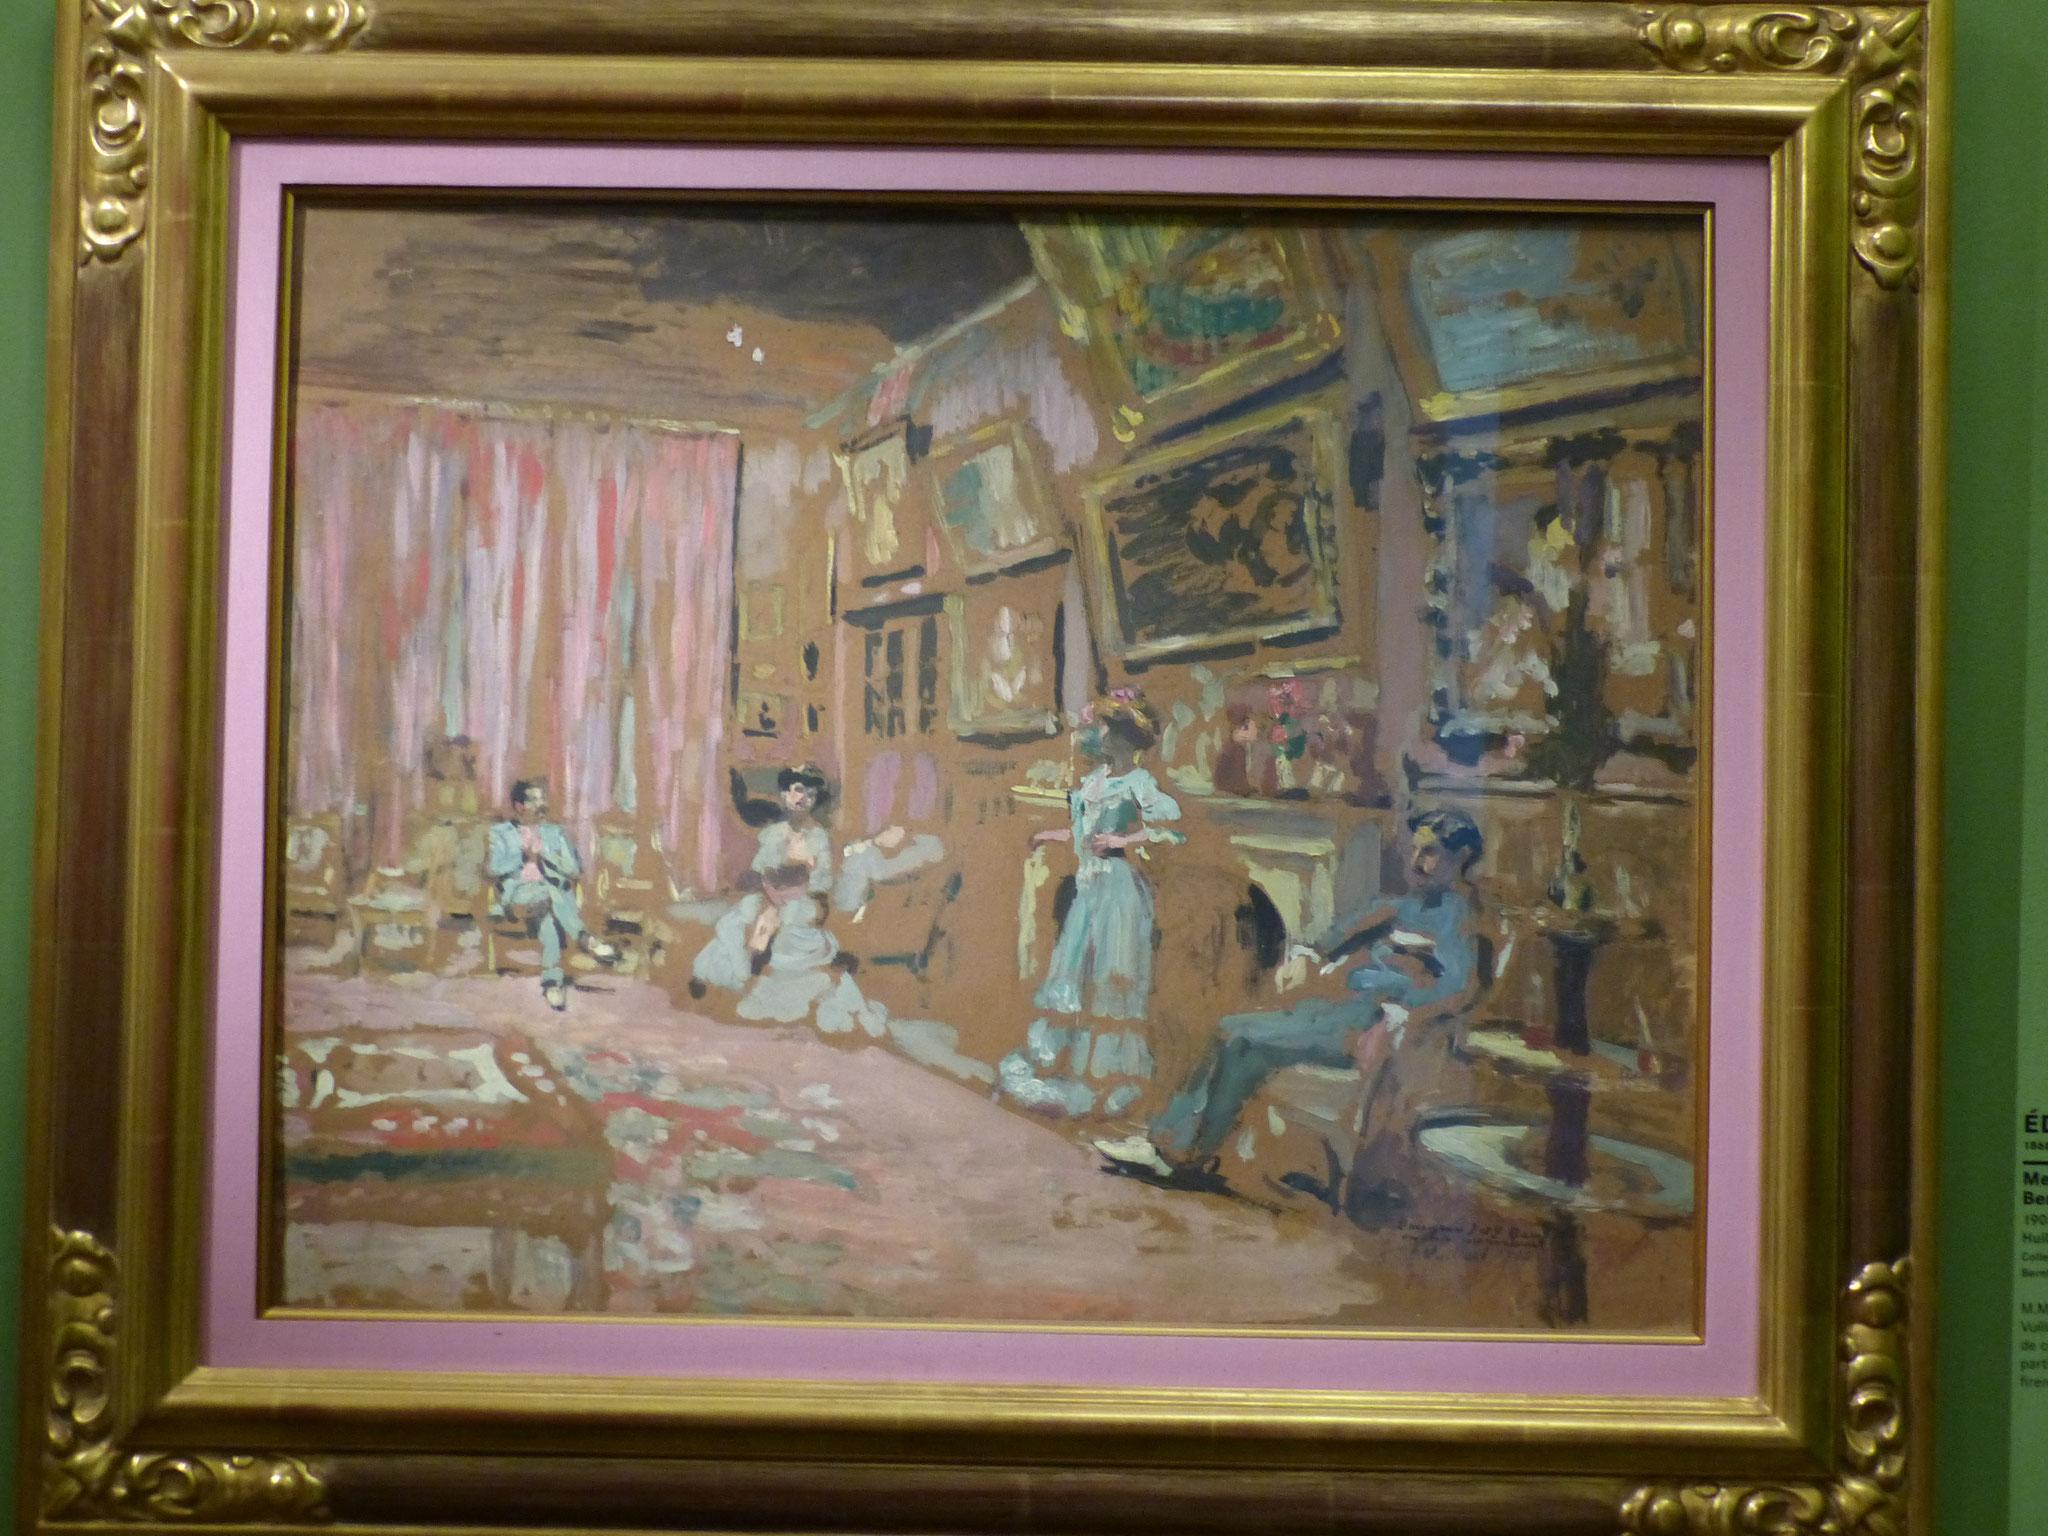 Edouard Vuillard - MM. Mmes Josse et Gaston Bernheim jeune